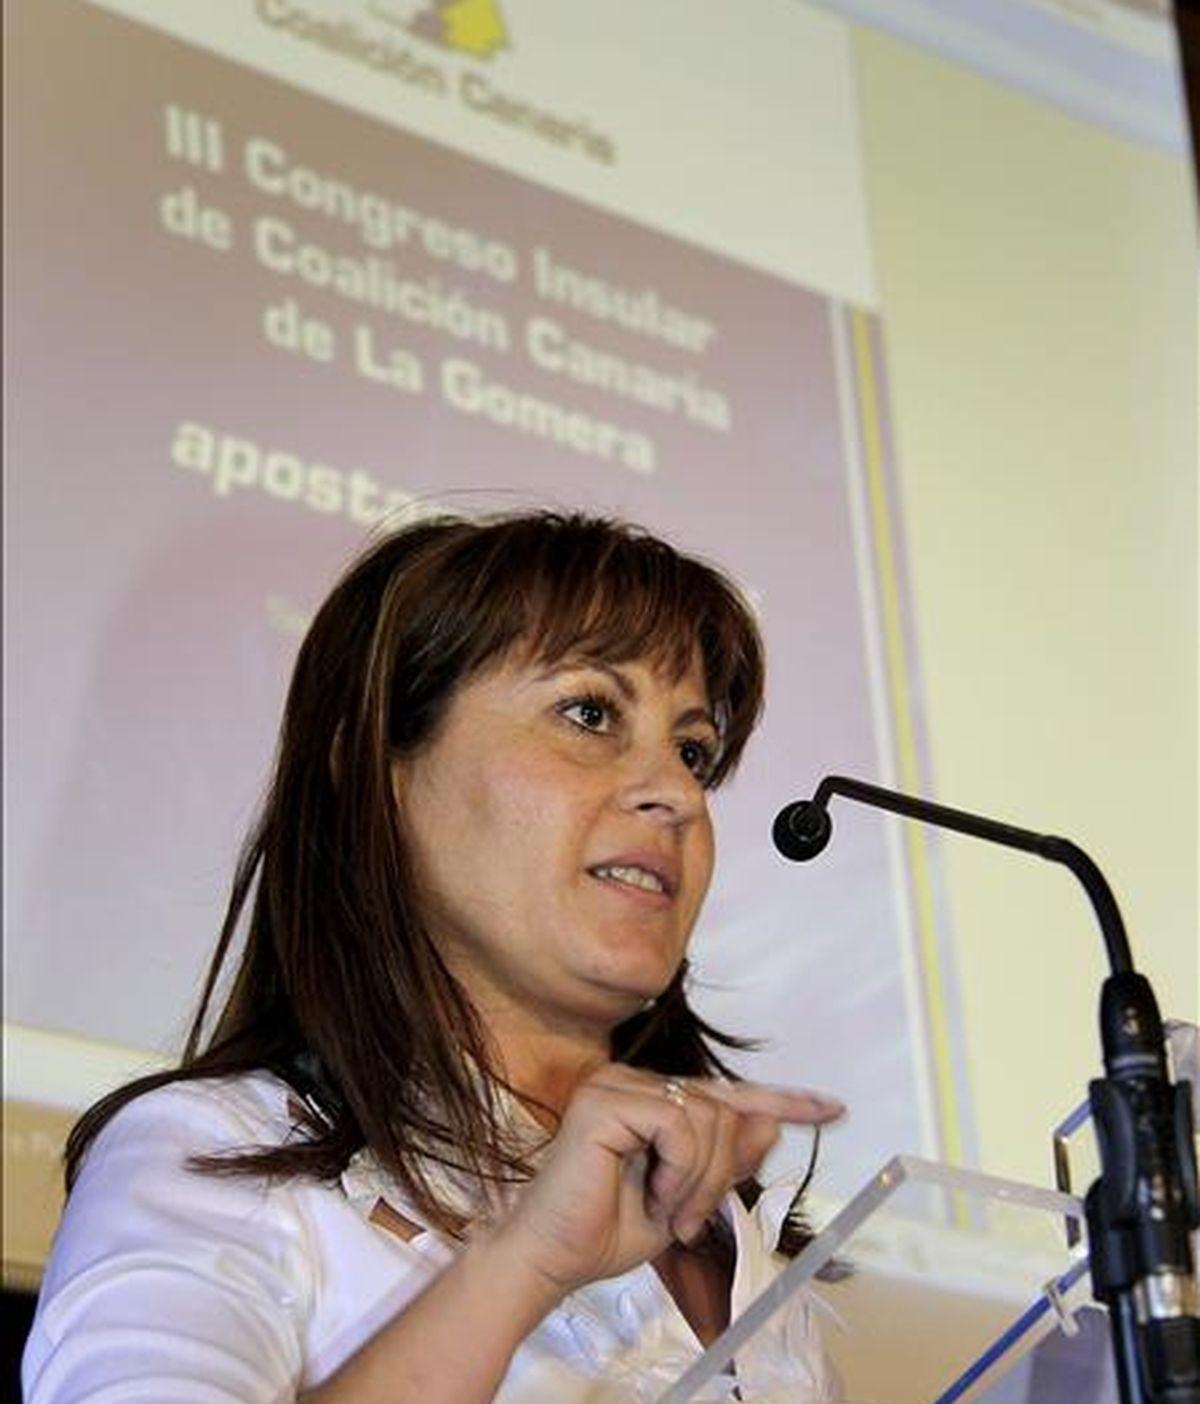 La candidata de Coalición Canaria (CC) al Parlamento europeo Claudina Morales. EFE/Archivo